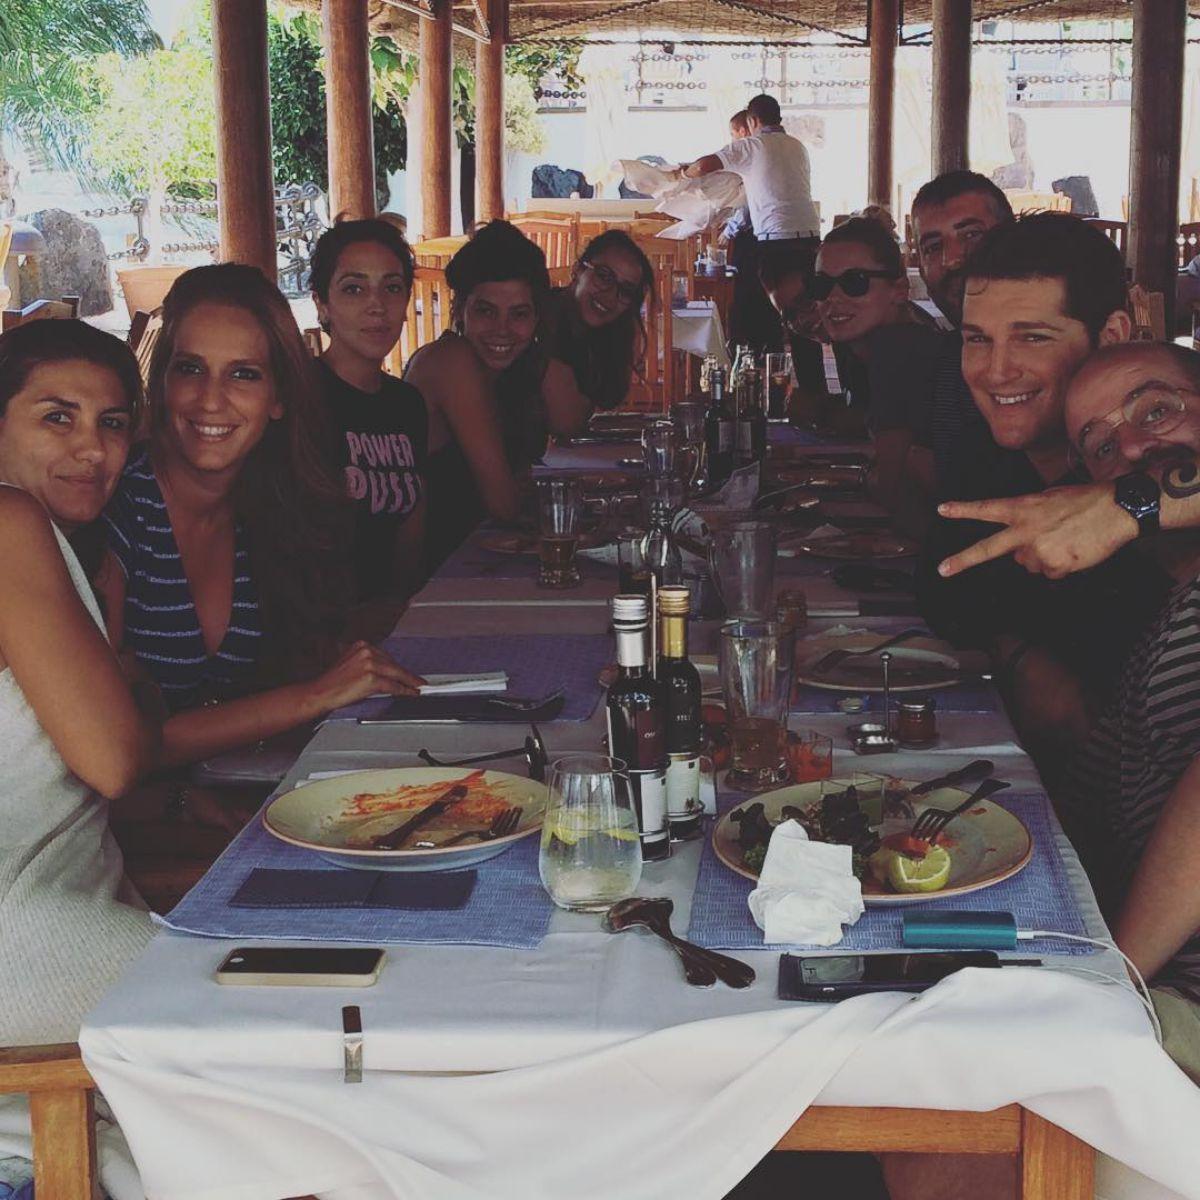 Comiendo con amigos en el hotel 'Princesa Yaiza', Lanzarote. Foto: Instagram.